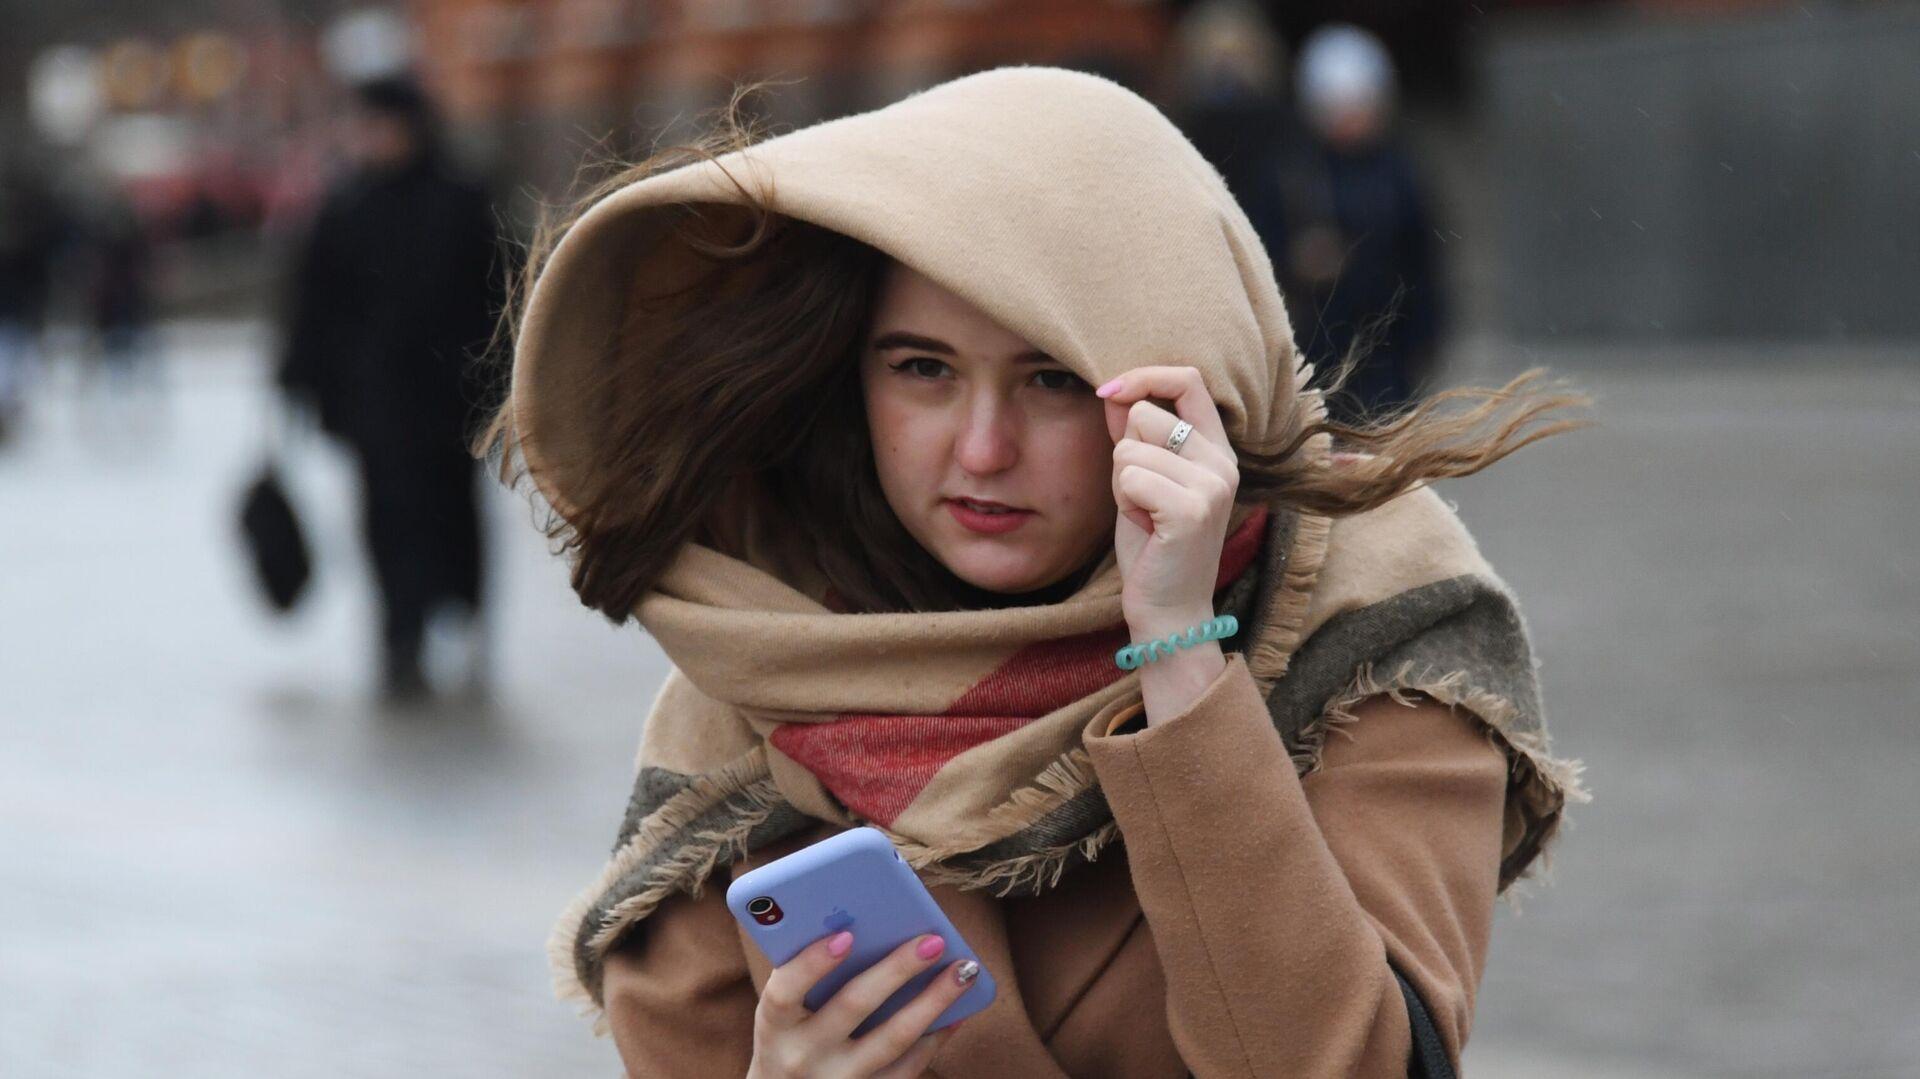 Сильный ветер в Москве повалил 21 дерево за минувшие сутки